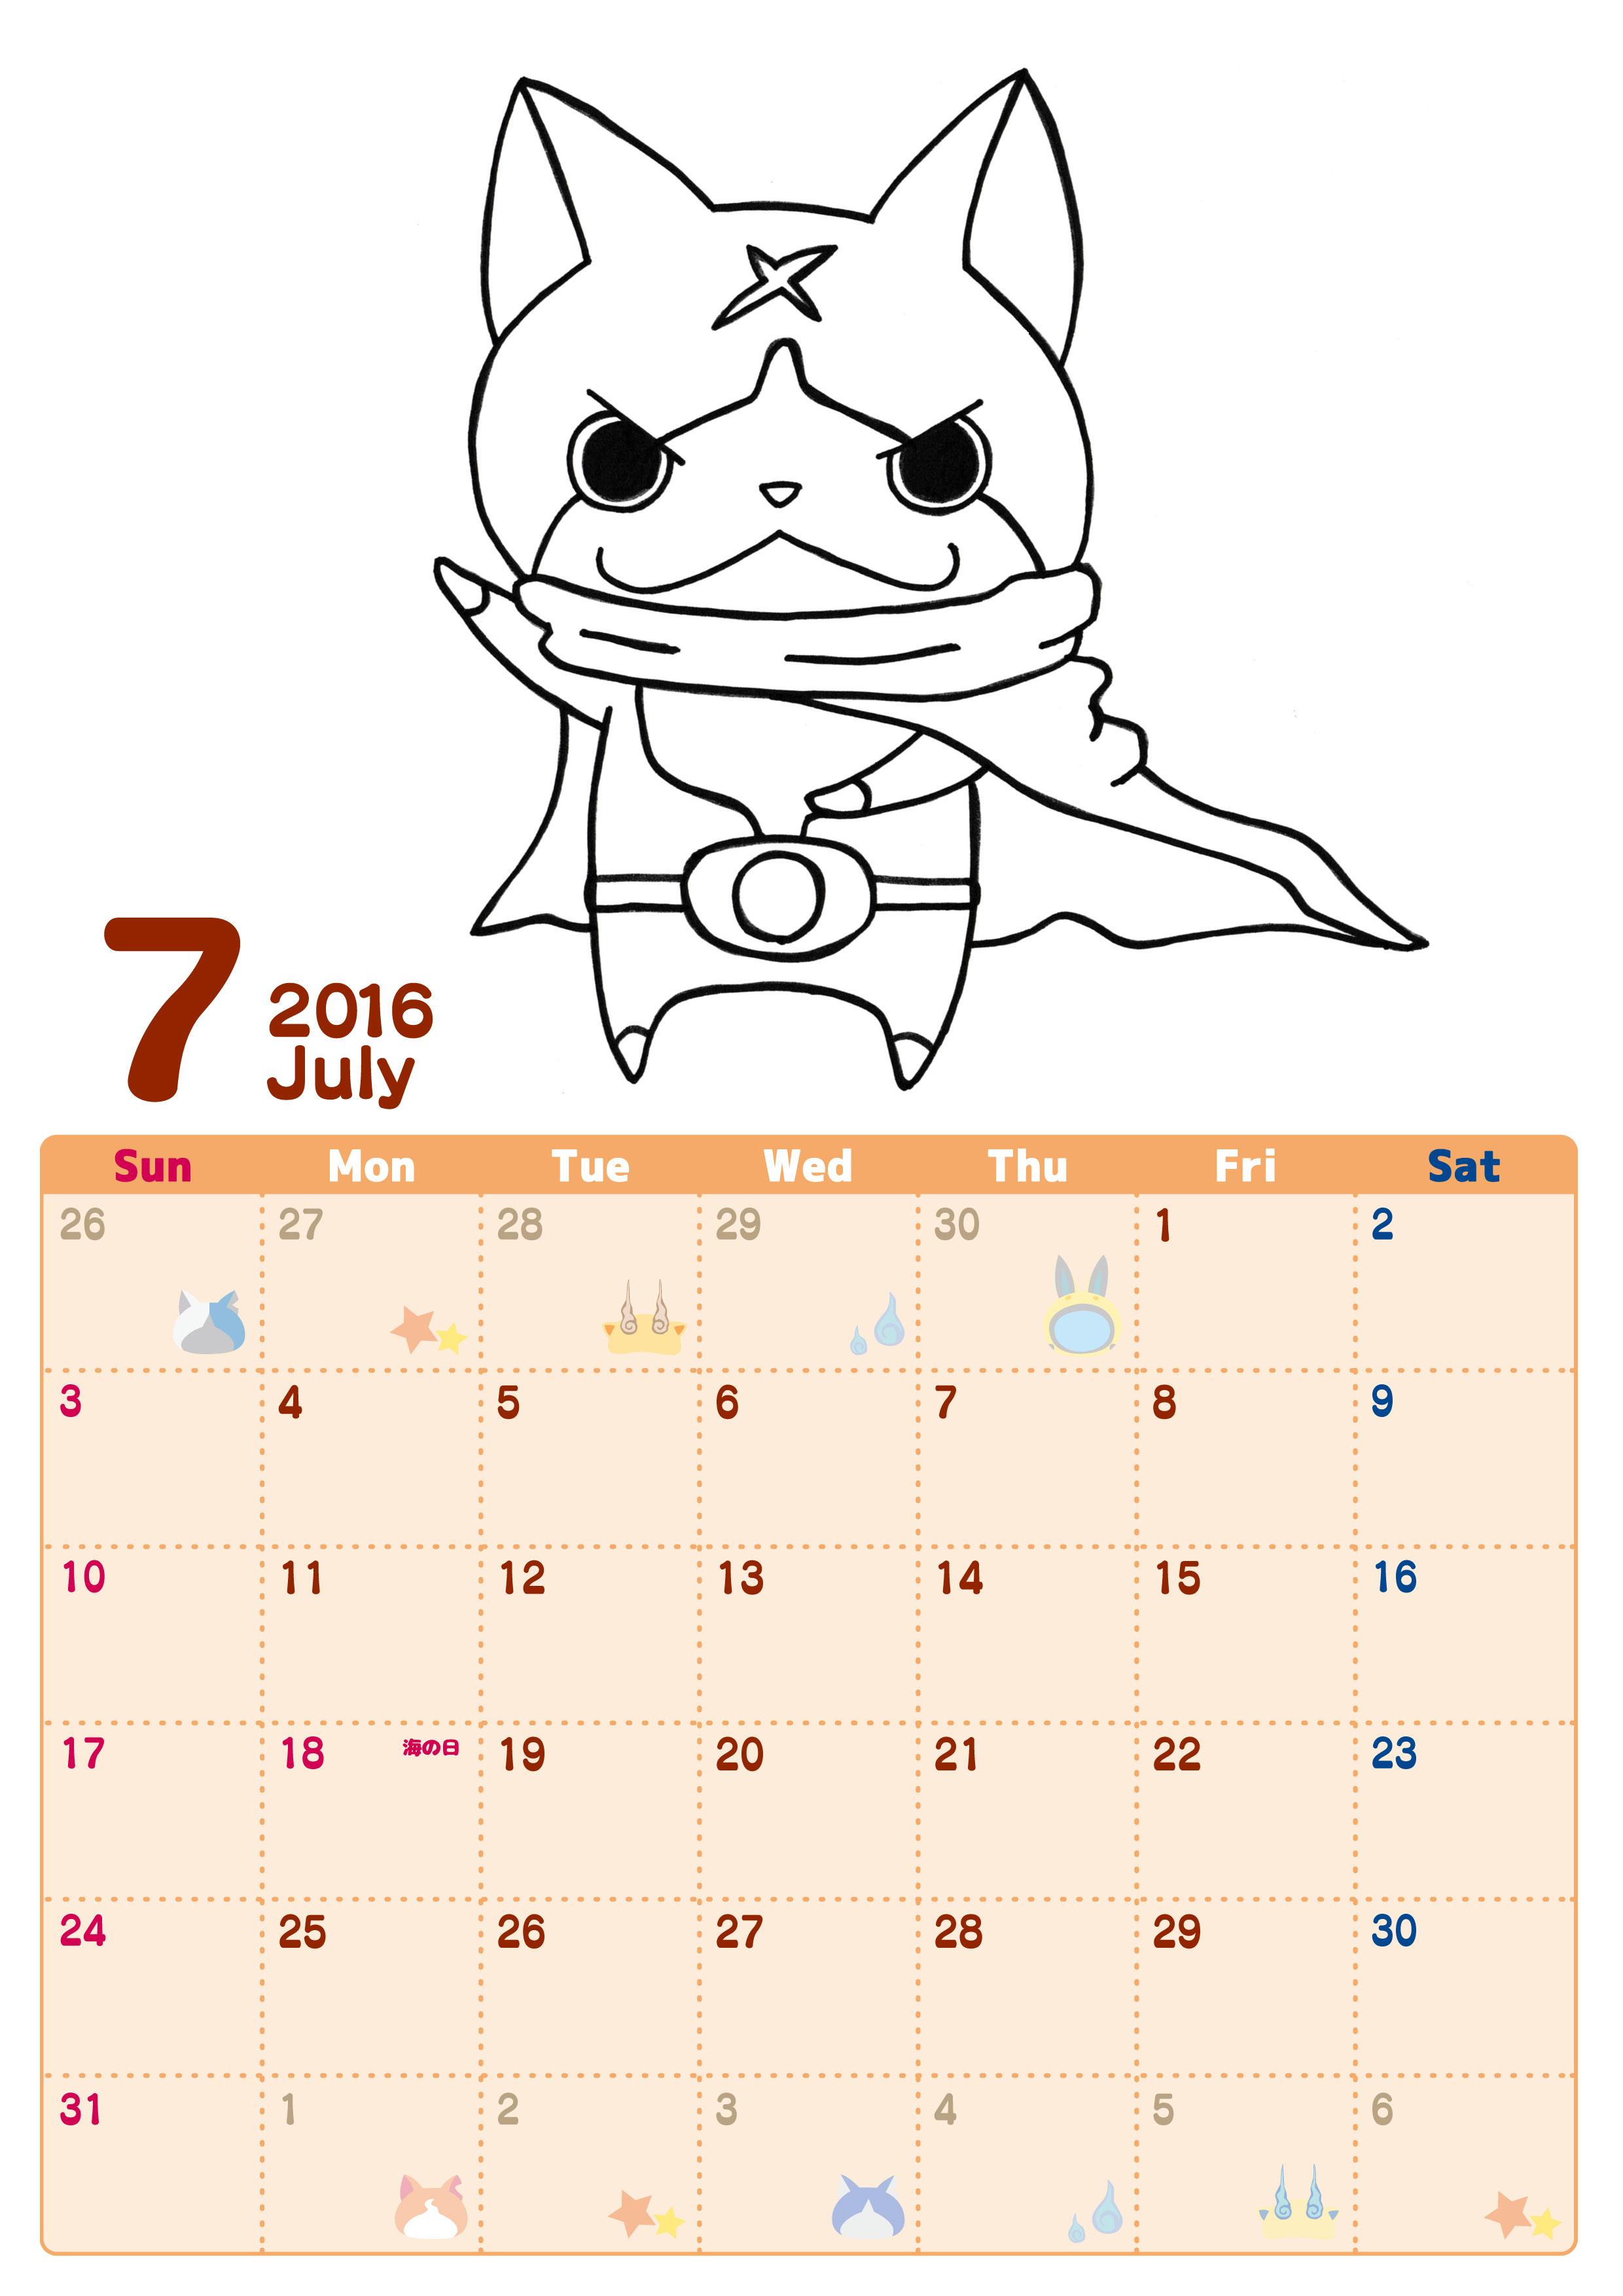 カレンダー カレンダー 2015 印刷用 : ... 2016年 ぬりえ カレンダー 7月